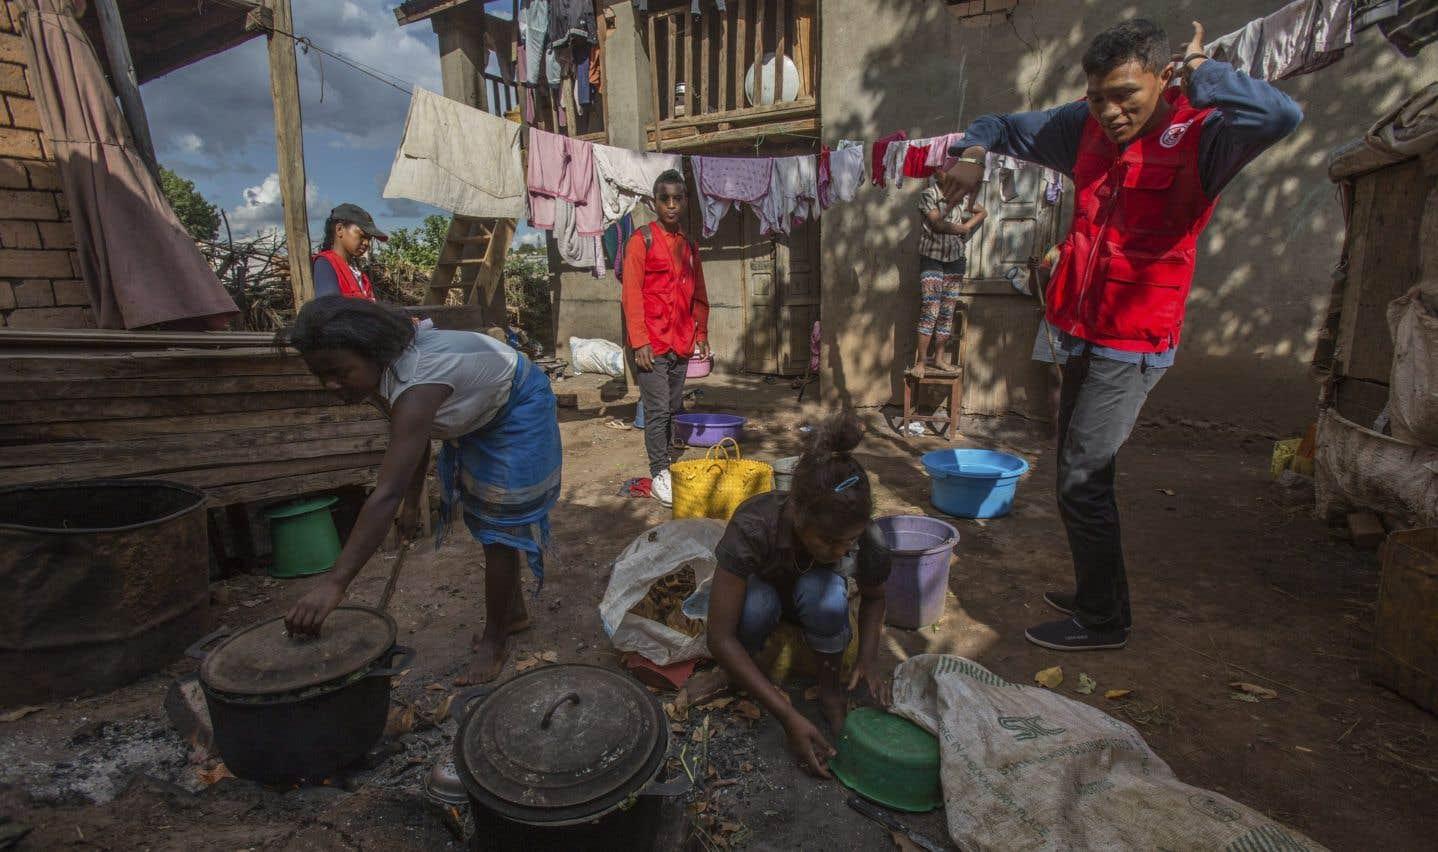 Madagascar recense chaque année environ 400 cas de peste, soit la moitié du total mondial, selon un rapport publié par l'OMS en 2016.